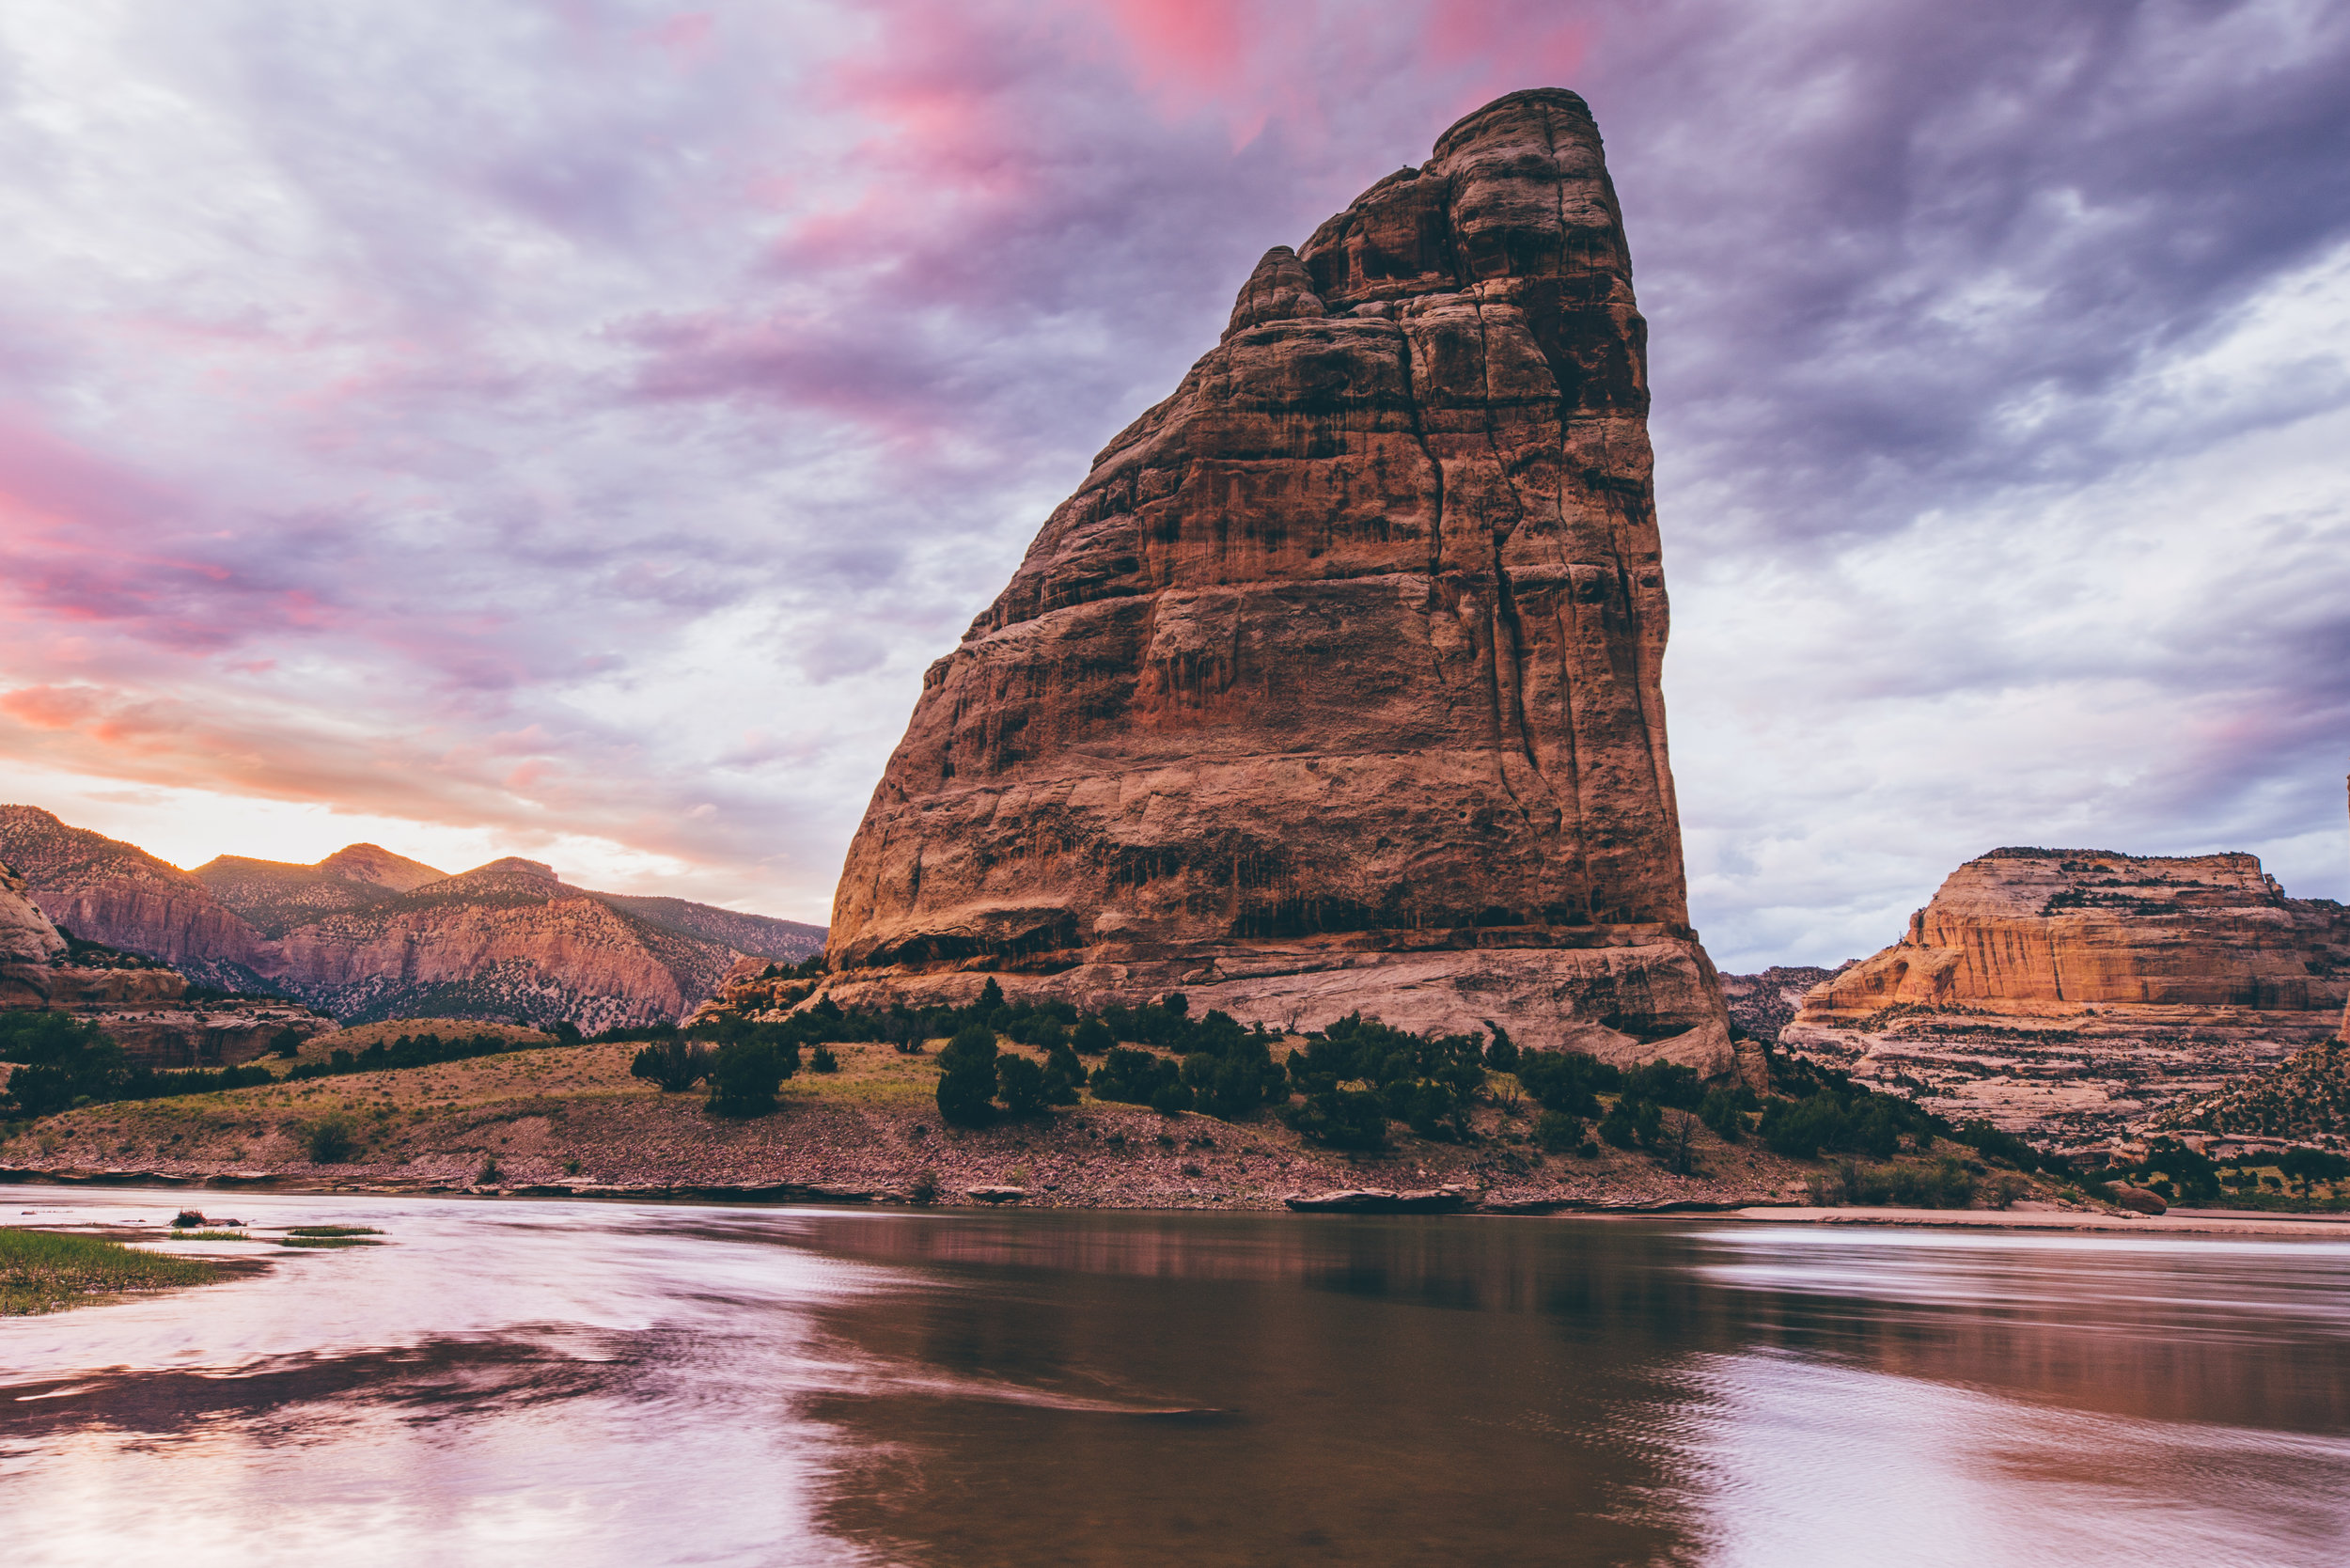 LewisBrian_Photos_USA_Colorado_DinosaurNationalMonument_#1.jpg